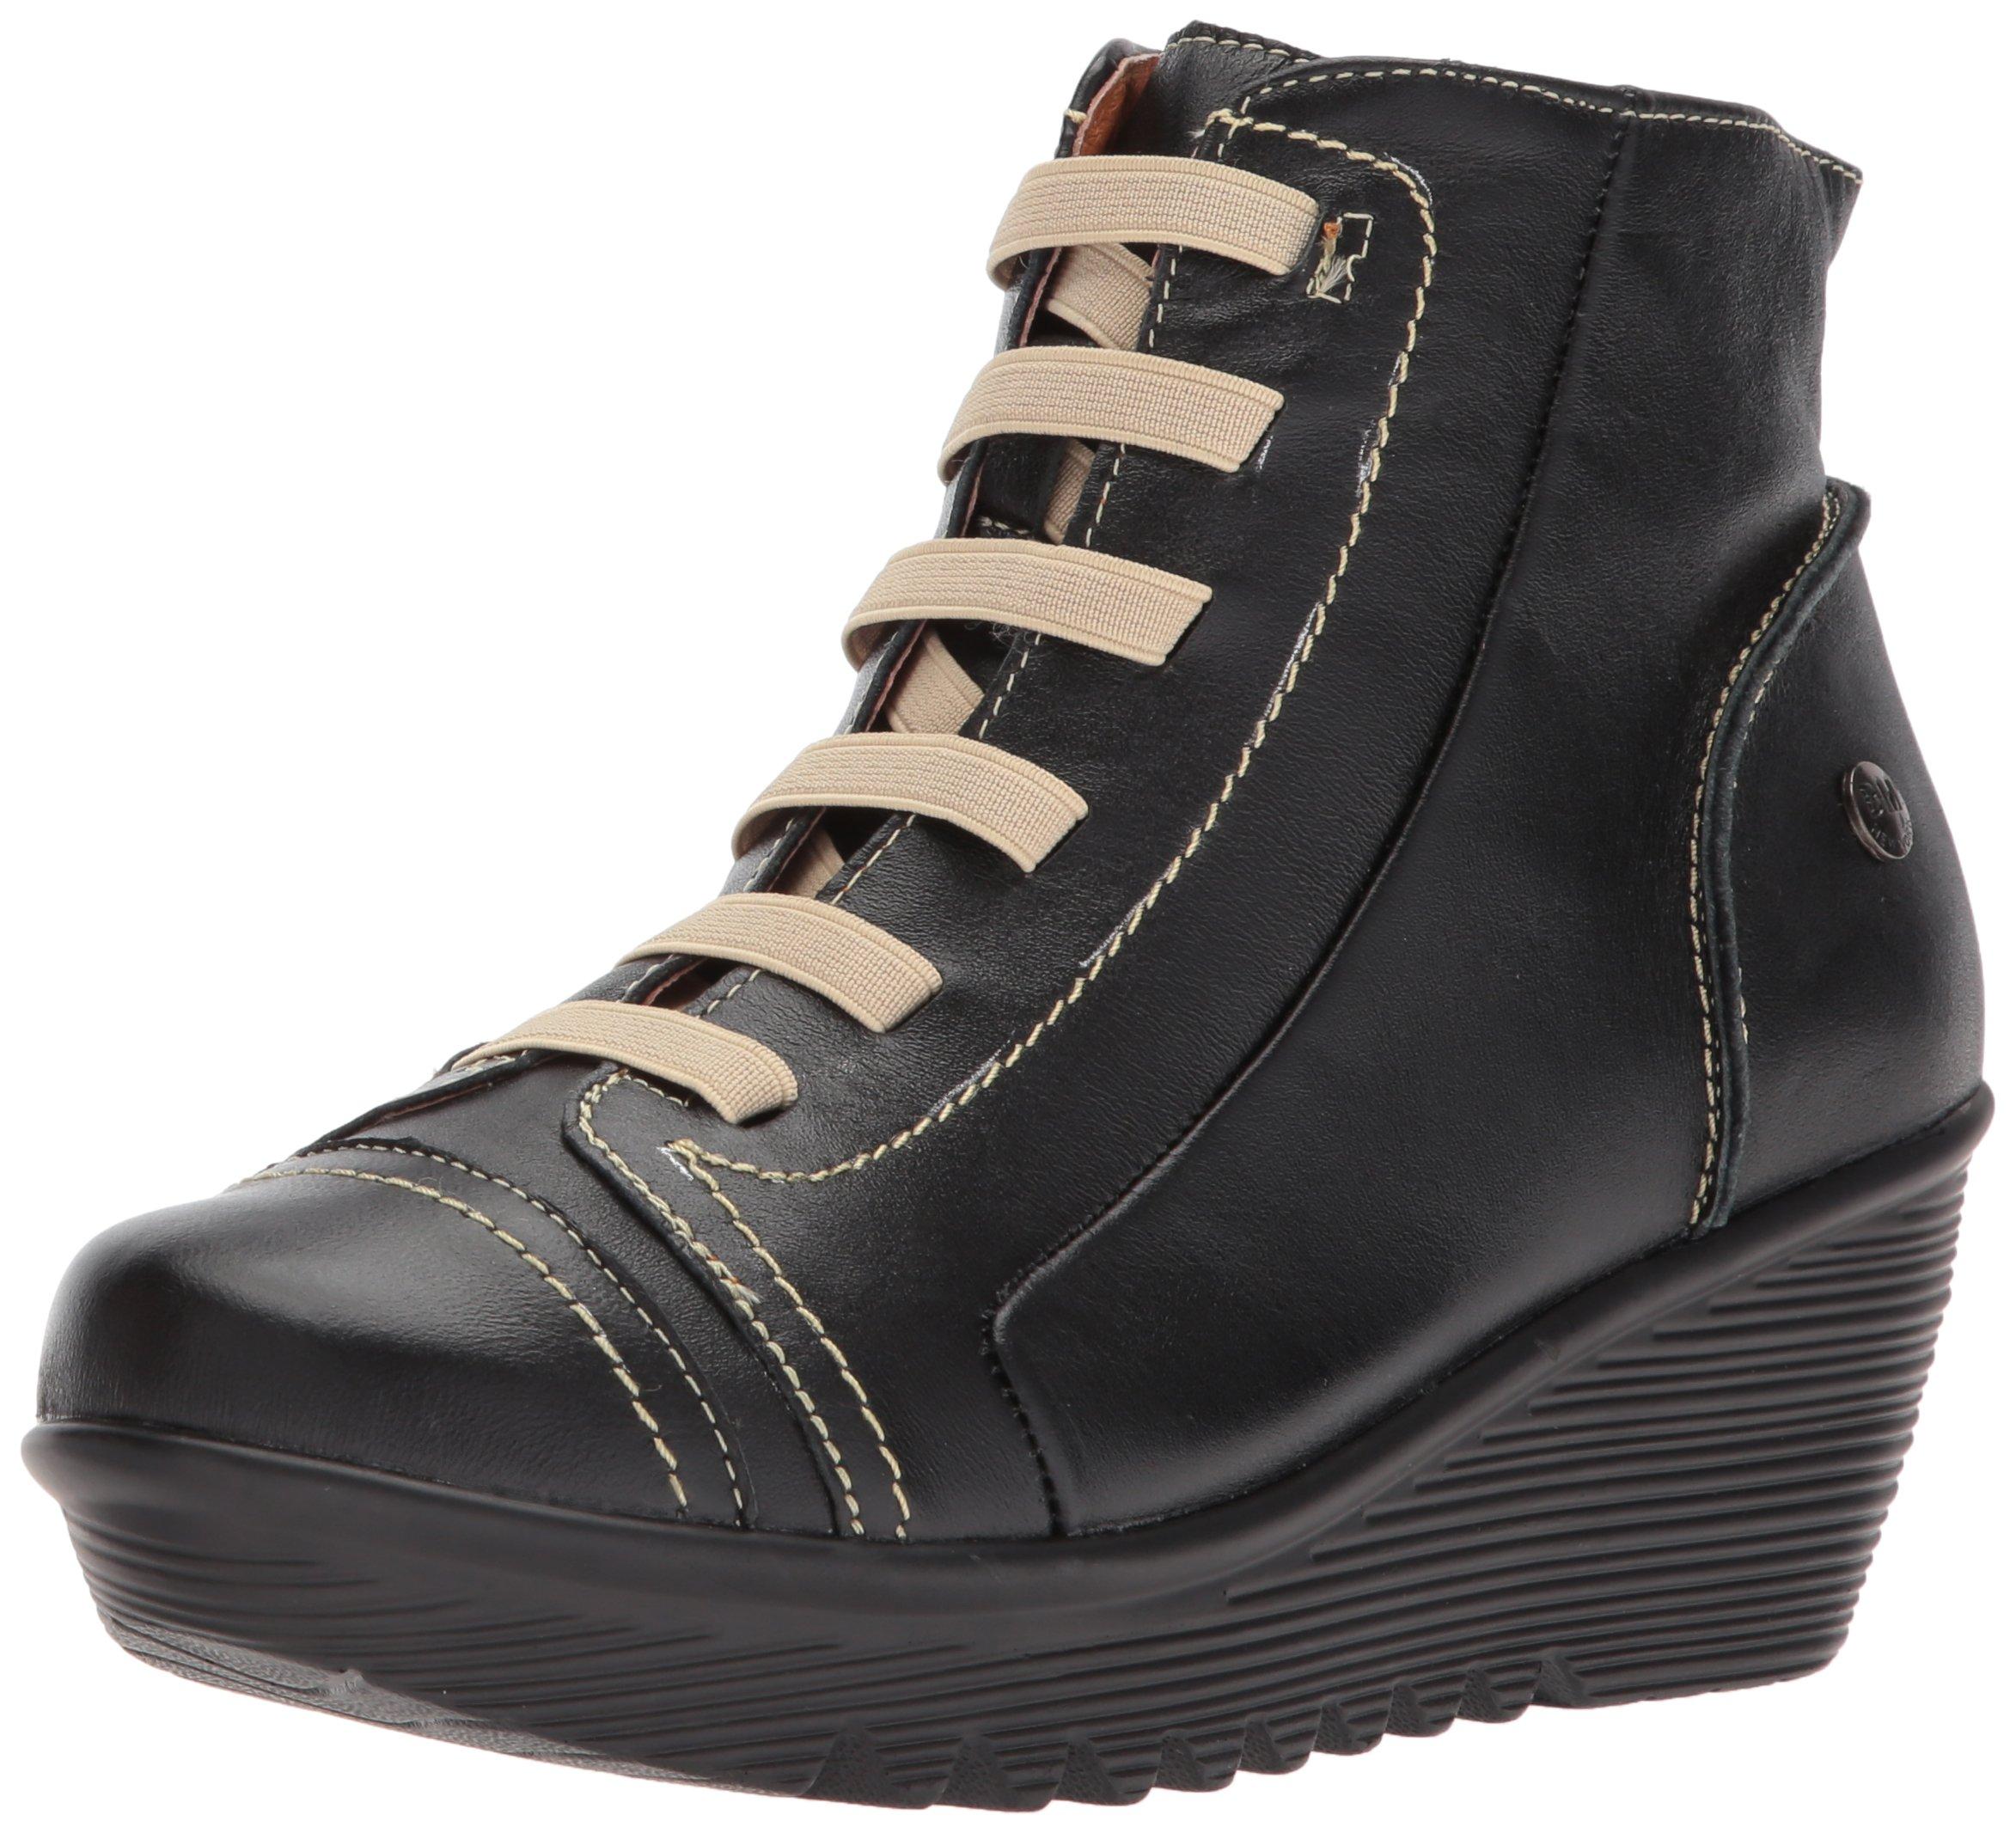 Bernie Mev Women's High Rise Fashion Sneaker, Black, 40 EU/9.5-10 M US